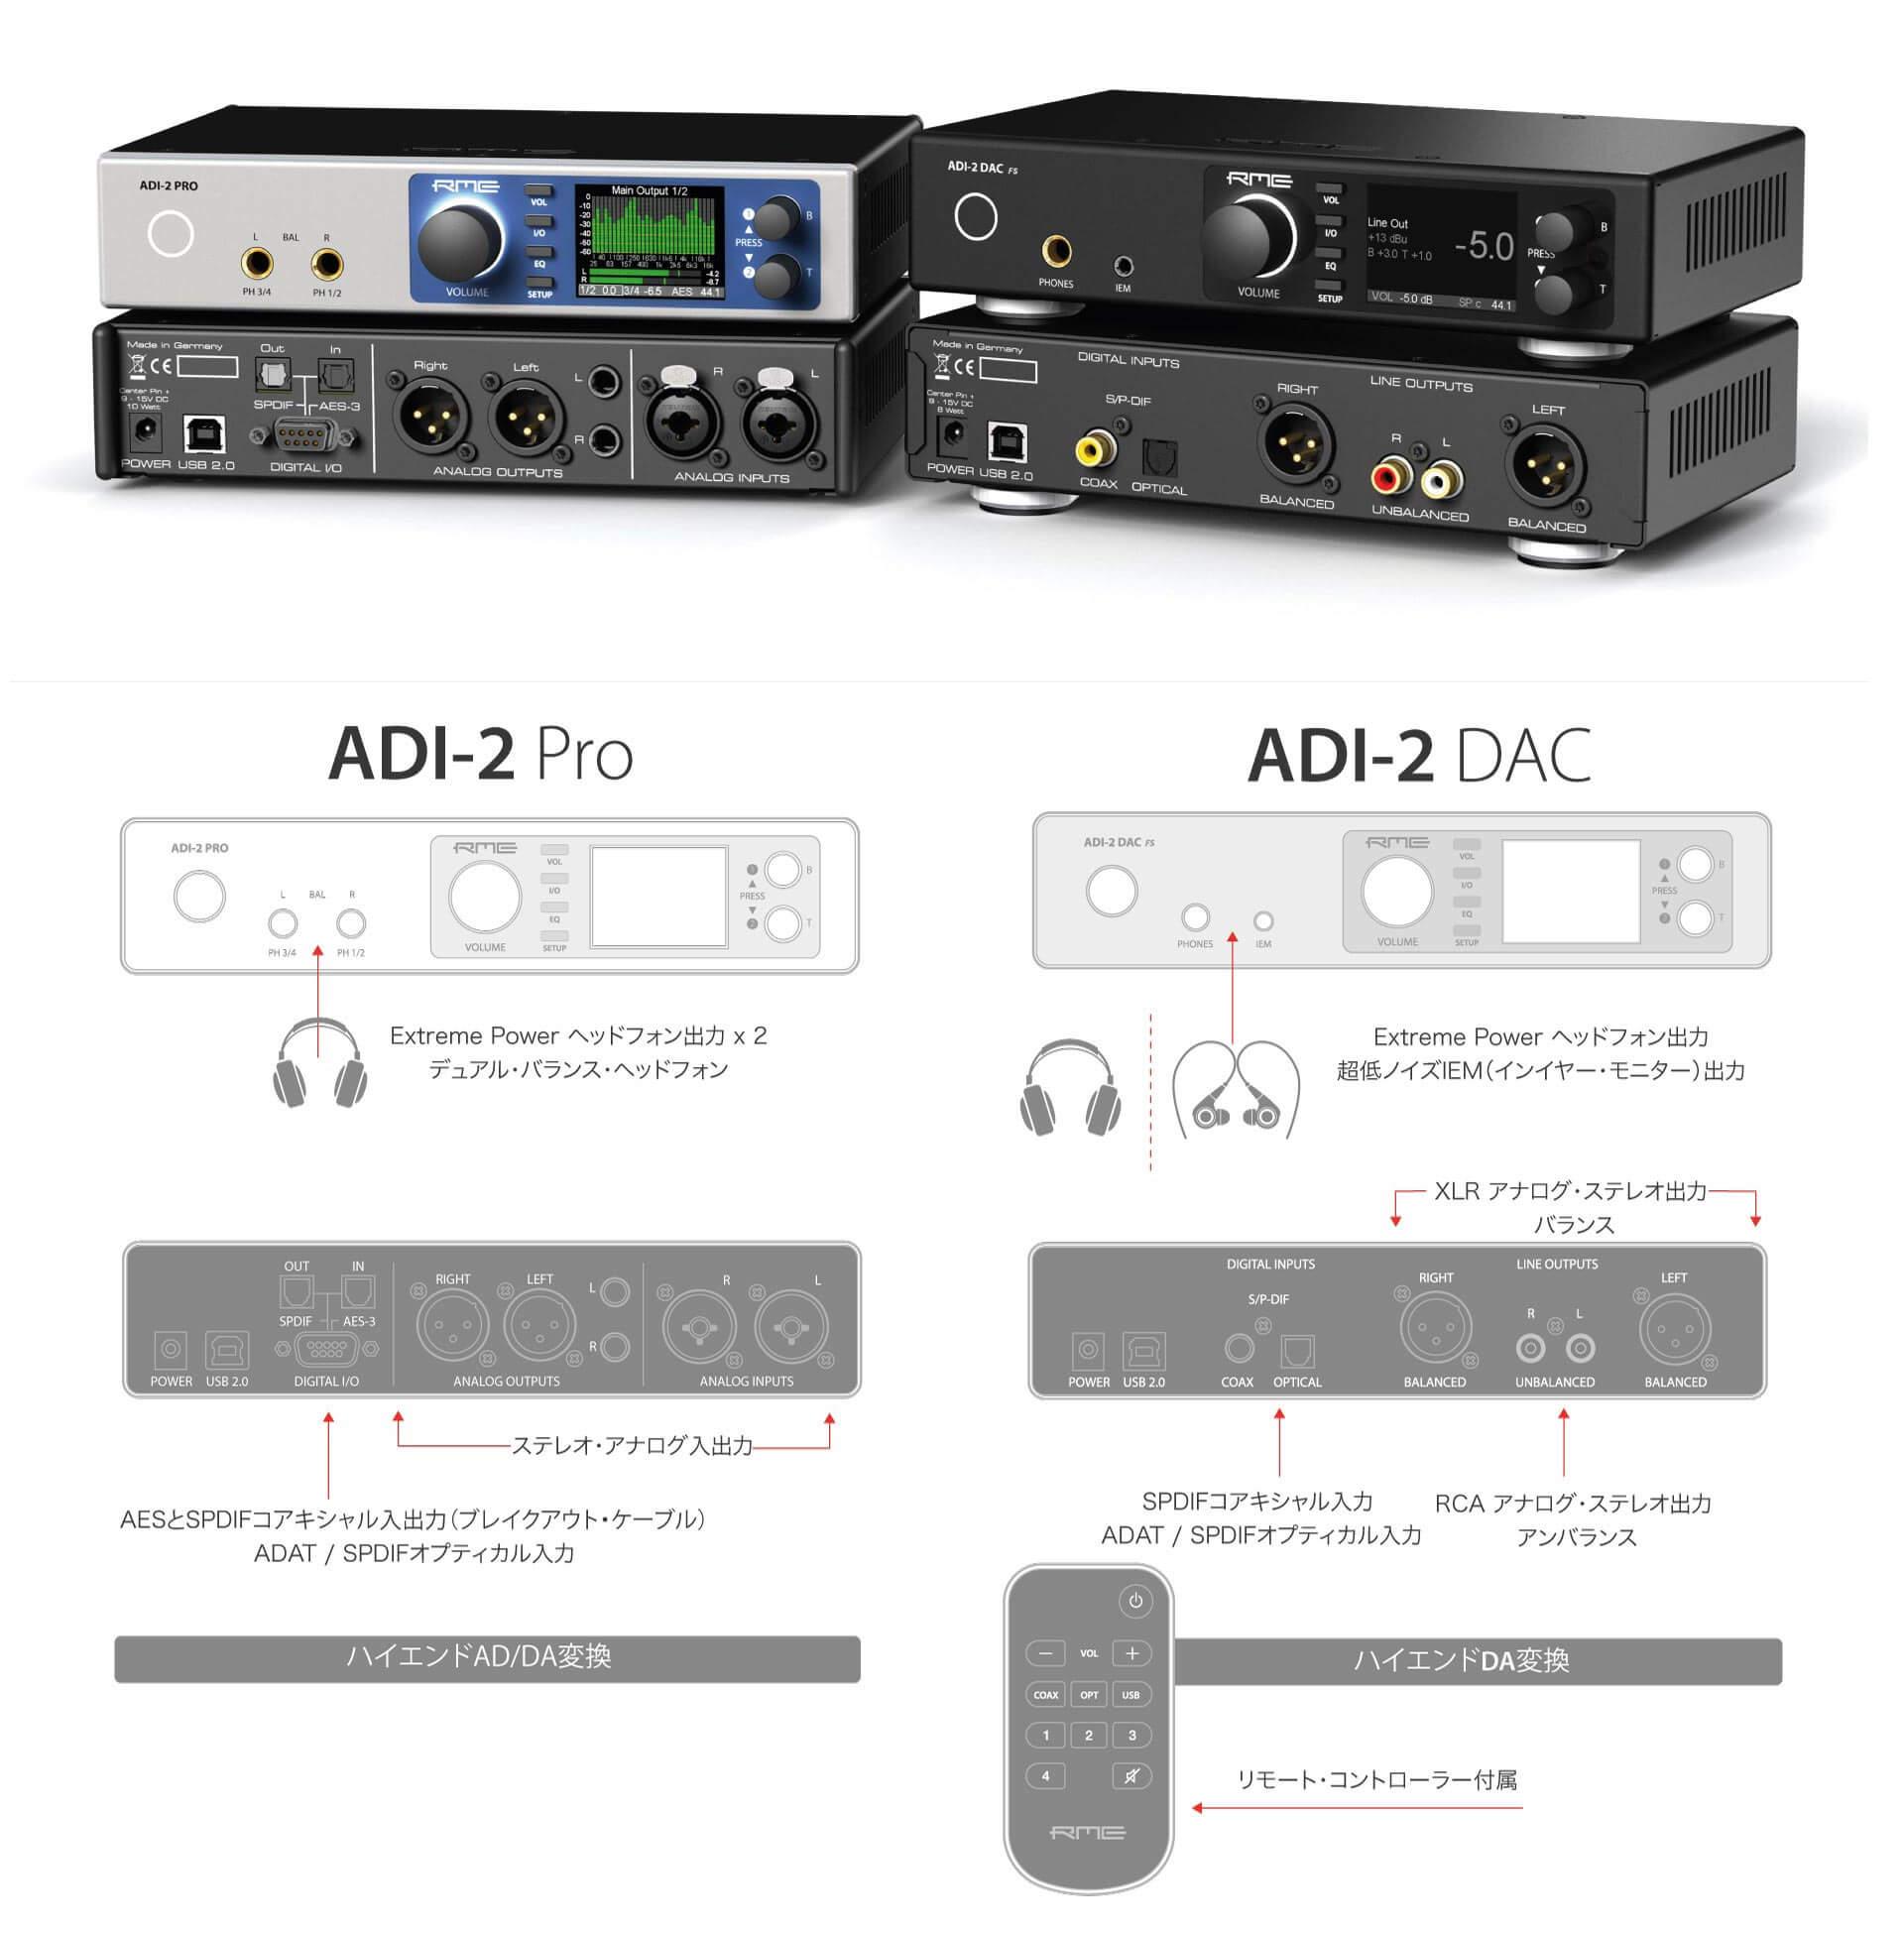 ADI-2 DAC FS PRO FS